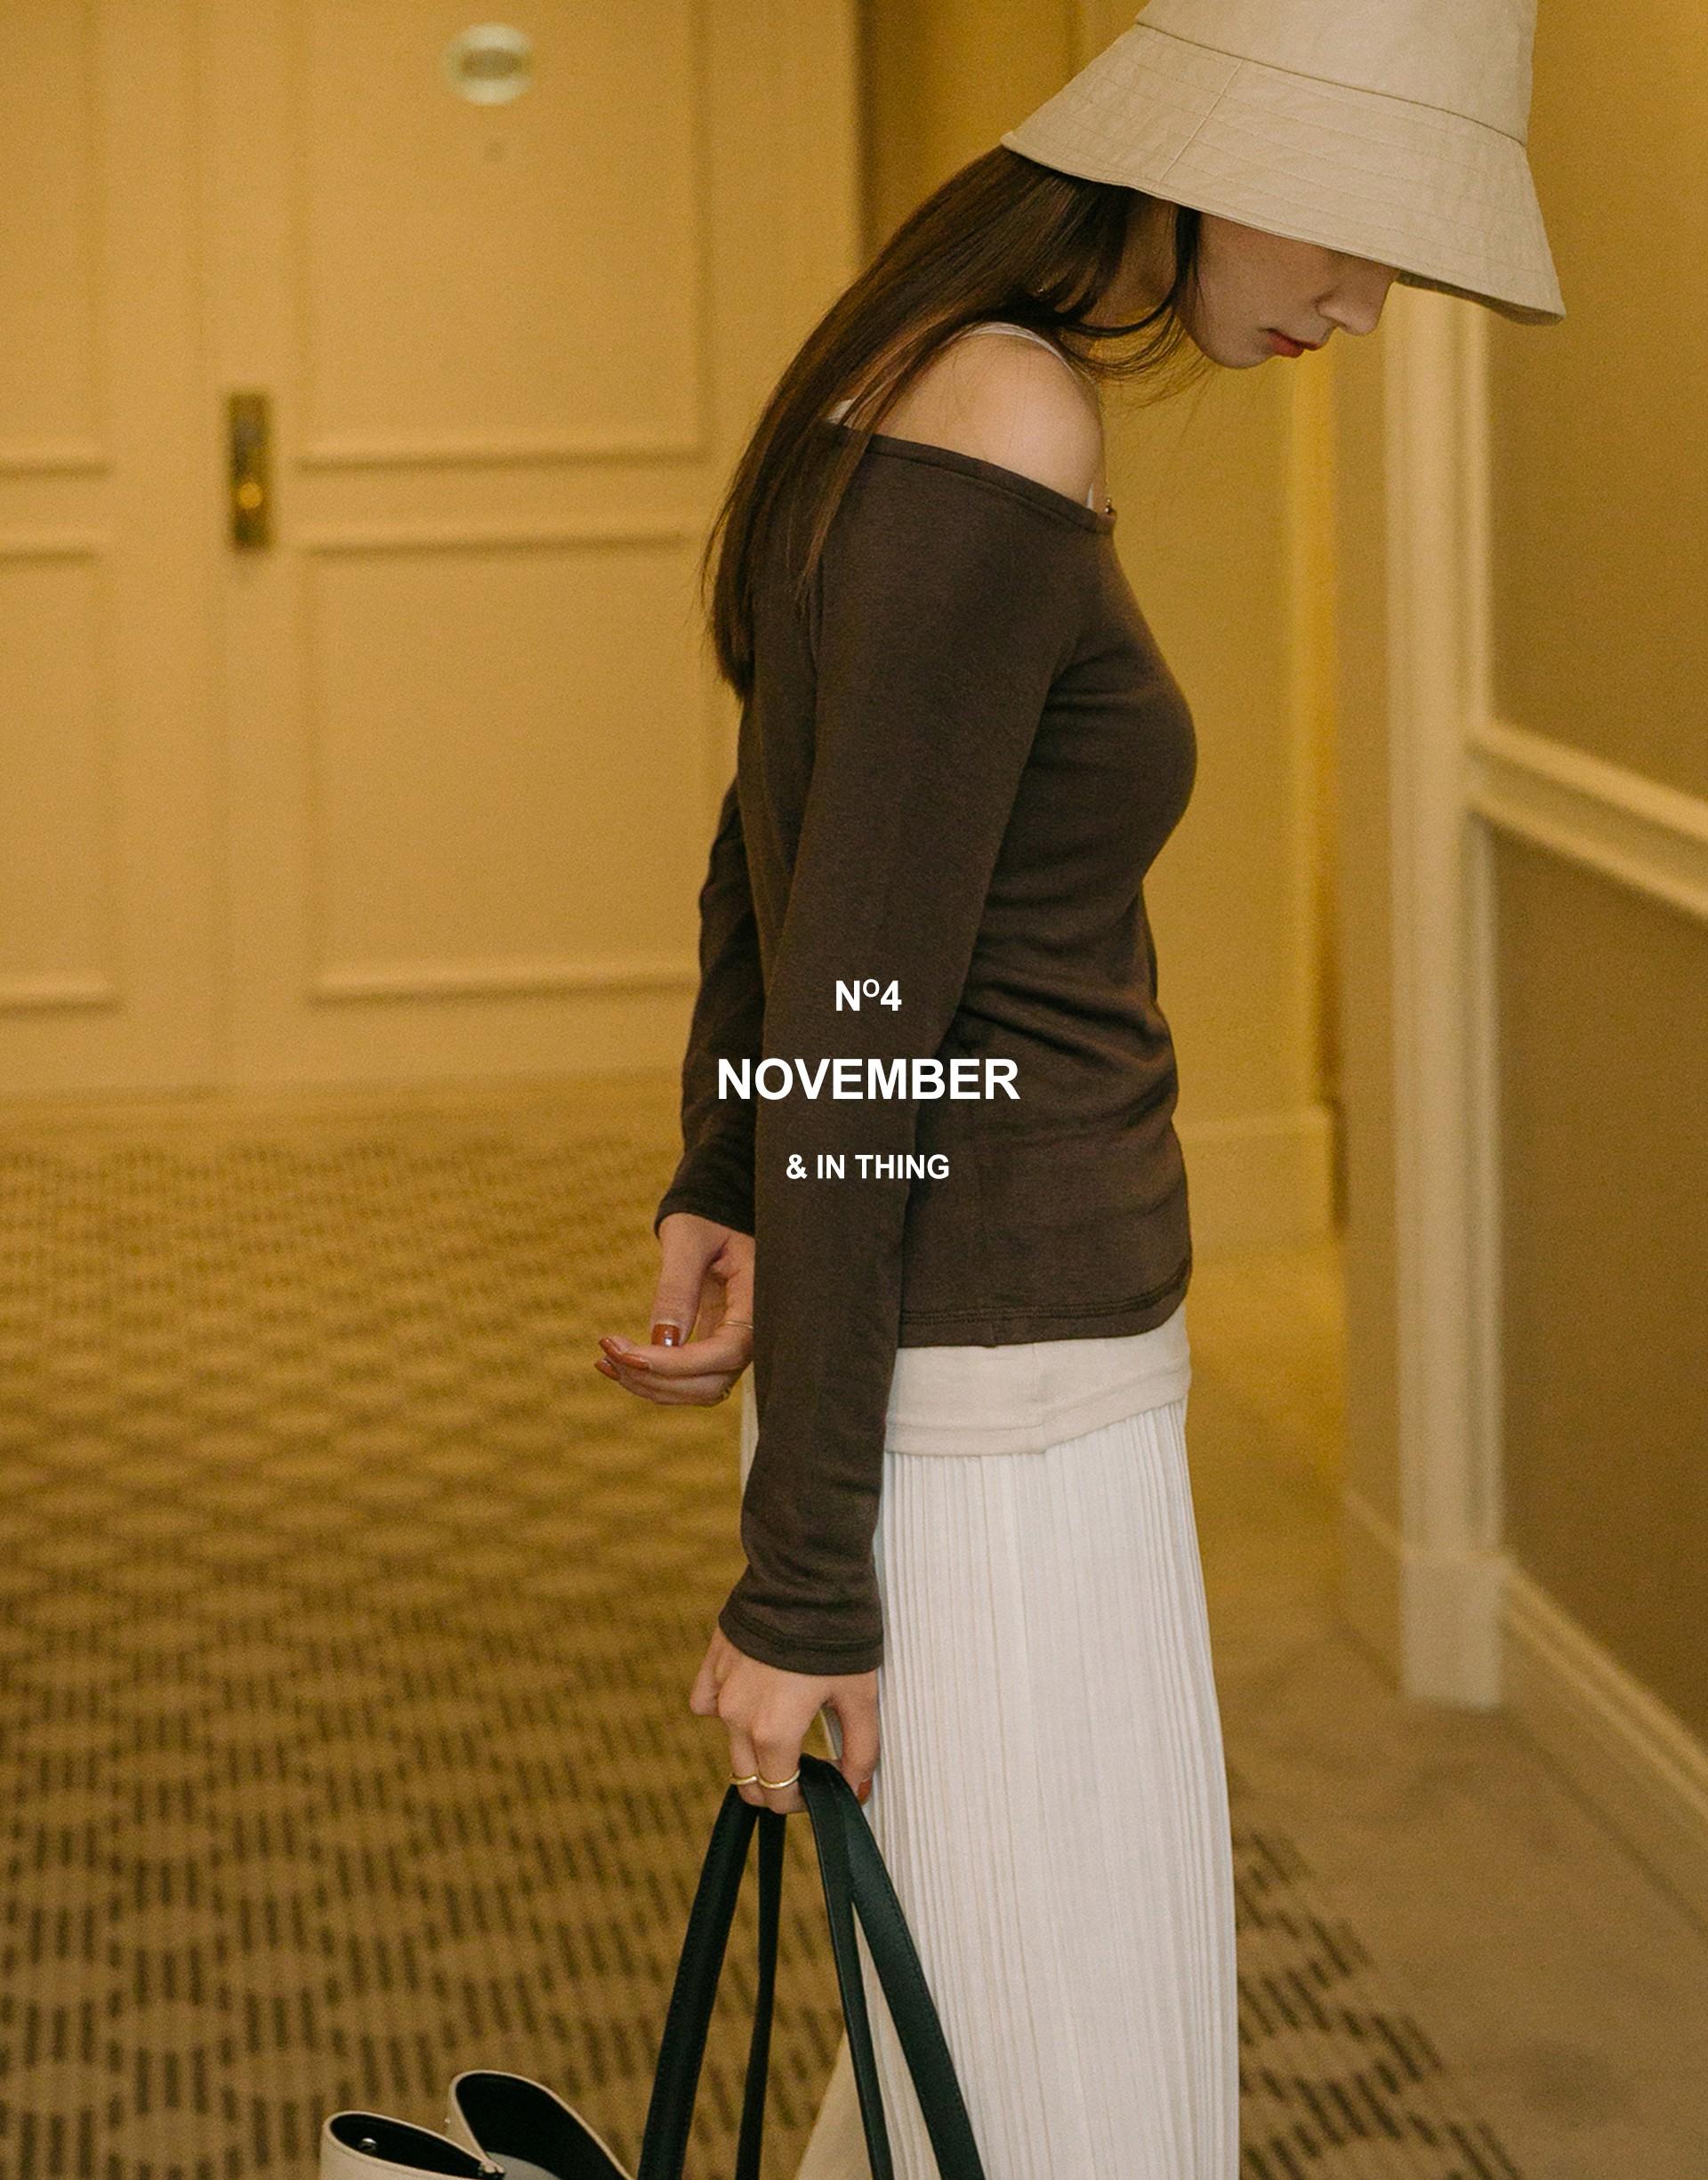 舒適柔軟布料/兩件式,可分開搭配/內搭背心正反兩穿/上衣壓線設計